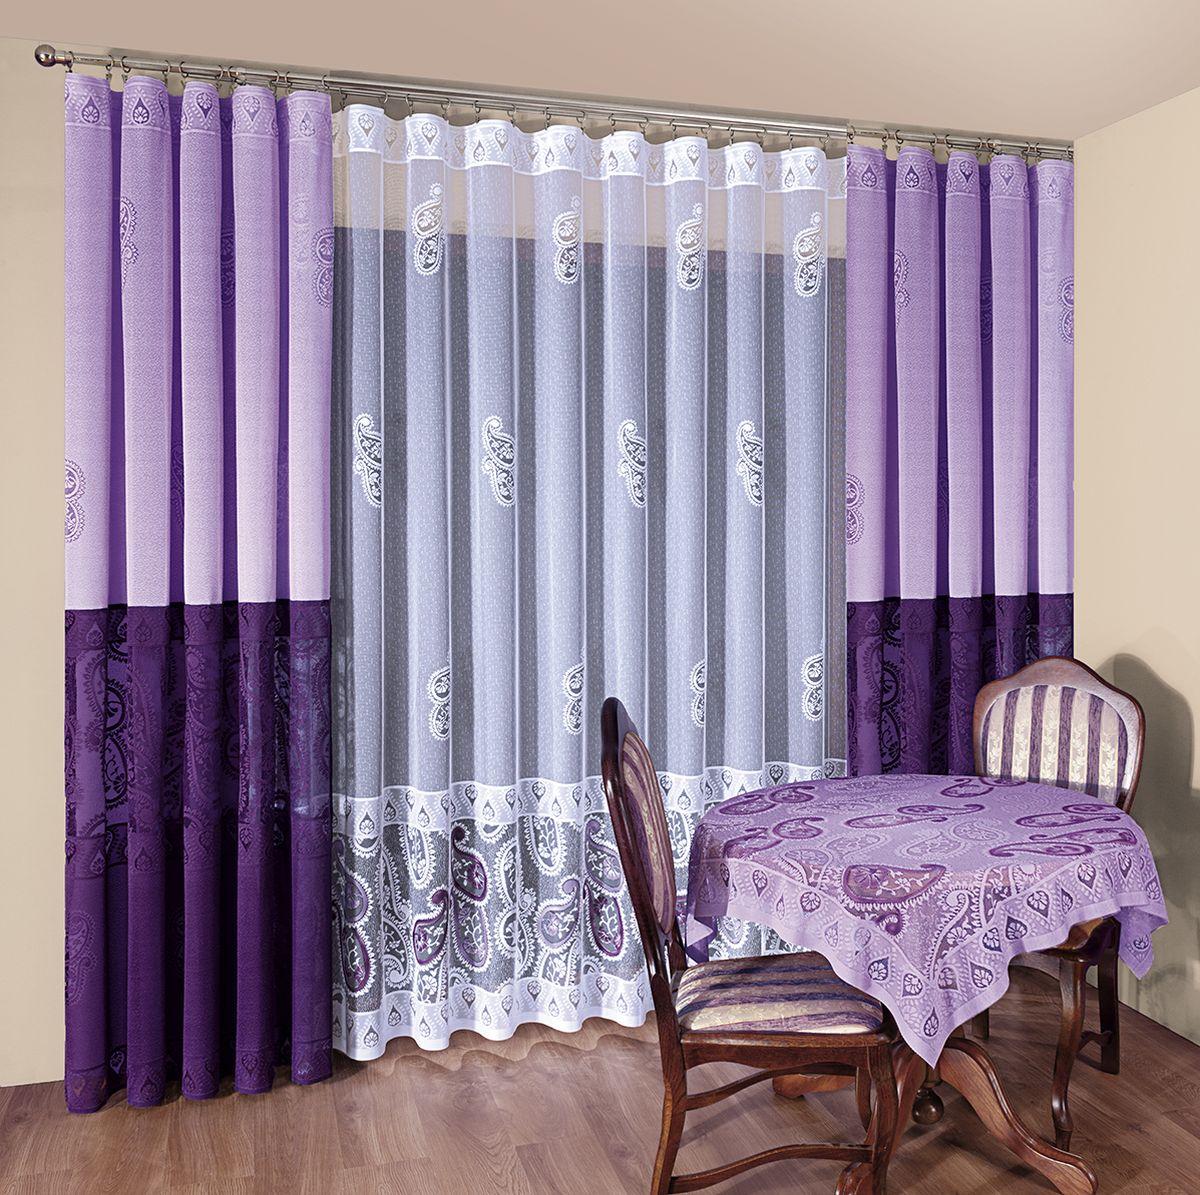 Комплект штор Wisan Fiona, на ленте, цвет: фиолетовый, белый, высота 250 см047WКомплект штор Wisan Fiona выполненный из полиэстера, великолепно украсит любое окно. Тонкое плетение, оригинальный дизайн привлекут к себе внимание и органично впишутся в интерьер. В комплект входят 2 шторы и тюль. Кружевной узор придает комплекту особый стиль и шарм. Тонкое жаккардовое плетение, нежная цветовая гамма и роскошное исполнение - все это делает шторы Wisan Fiona замечательным дополнением интерьера помещения. Комплект оснащен шторной лентой для красивой сборки. В комплект входит: Штора - 2 шт. Размер (ШхВ): 150 см х 250 см. Тюль - 1 шт. Размер (ШхВ): 500 см х 250 см. Фирма Wisan на польском рынке существует уже более пятидесяти лет и является одной из лучших польских фабрик по производству штор и тканей. Ассортимент фирмы представлен готовыми комплектами штор для гостиной, детской, кухни, а также текстилем для кухни (скатерти, салфетки, дорожки, кухонные занавески). Модельный ряд отличает оригинальный дизайн, высокое...